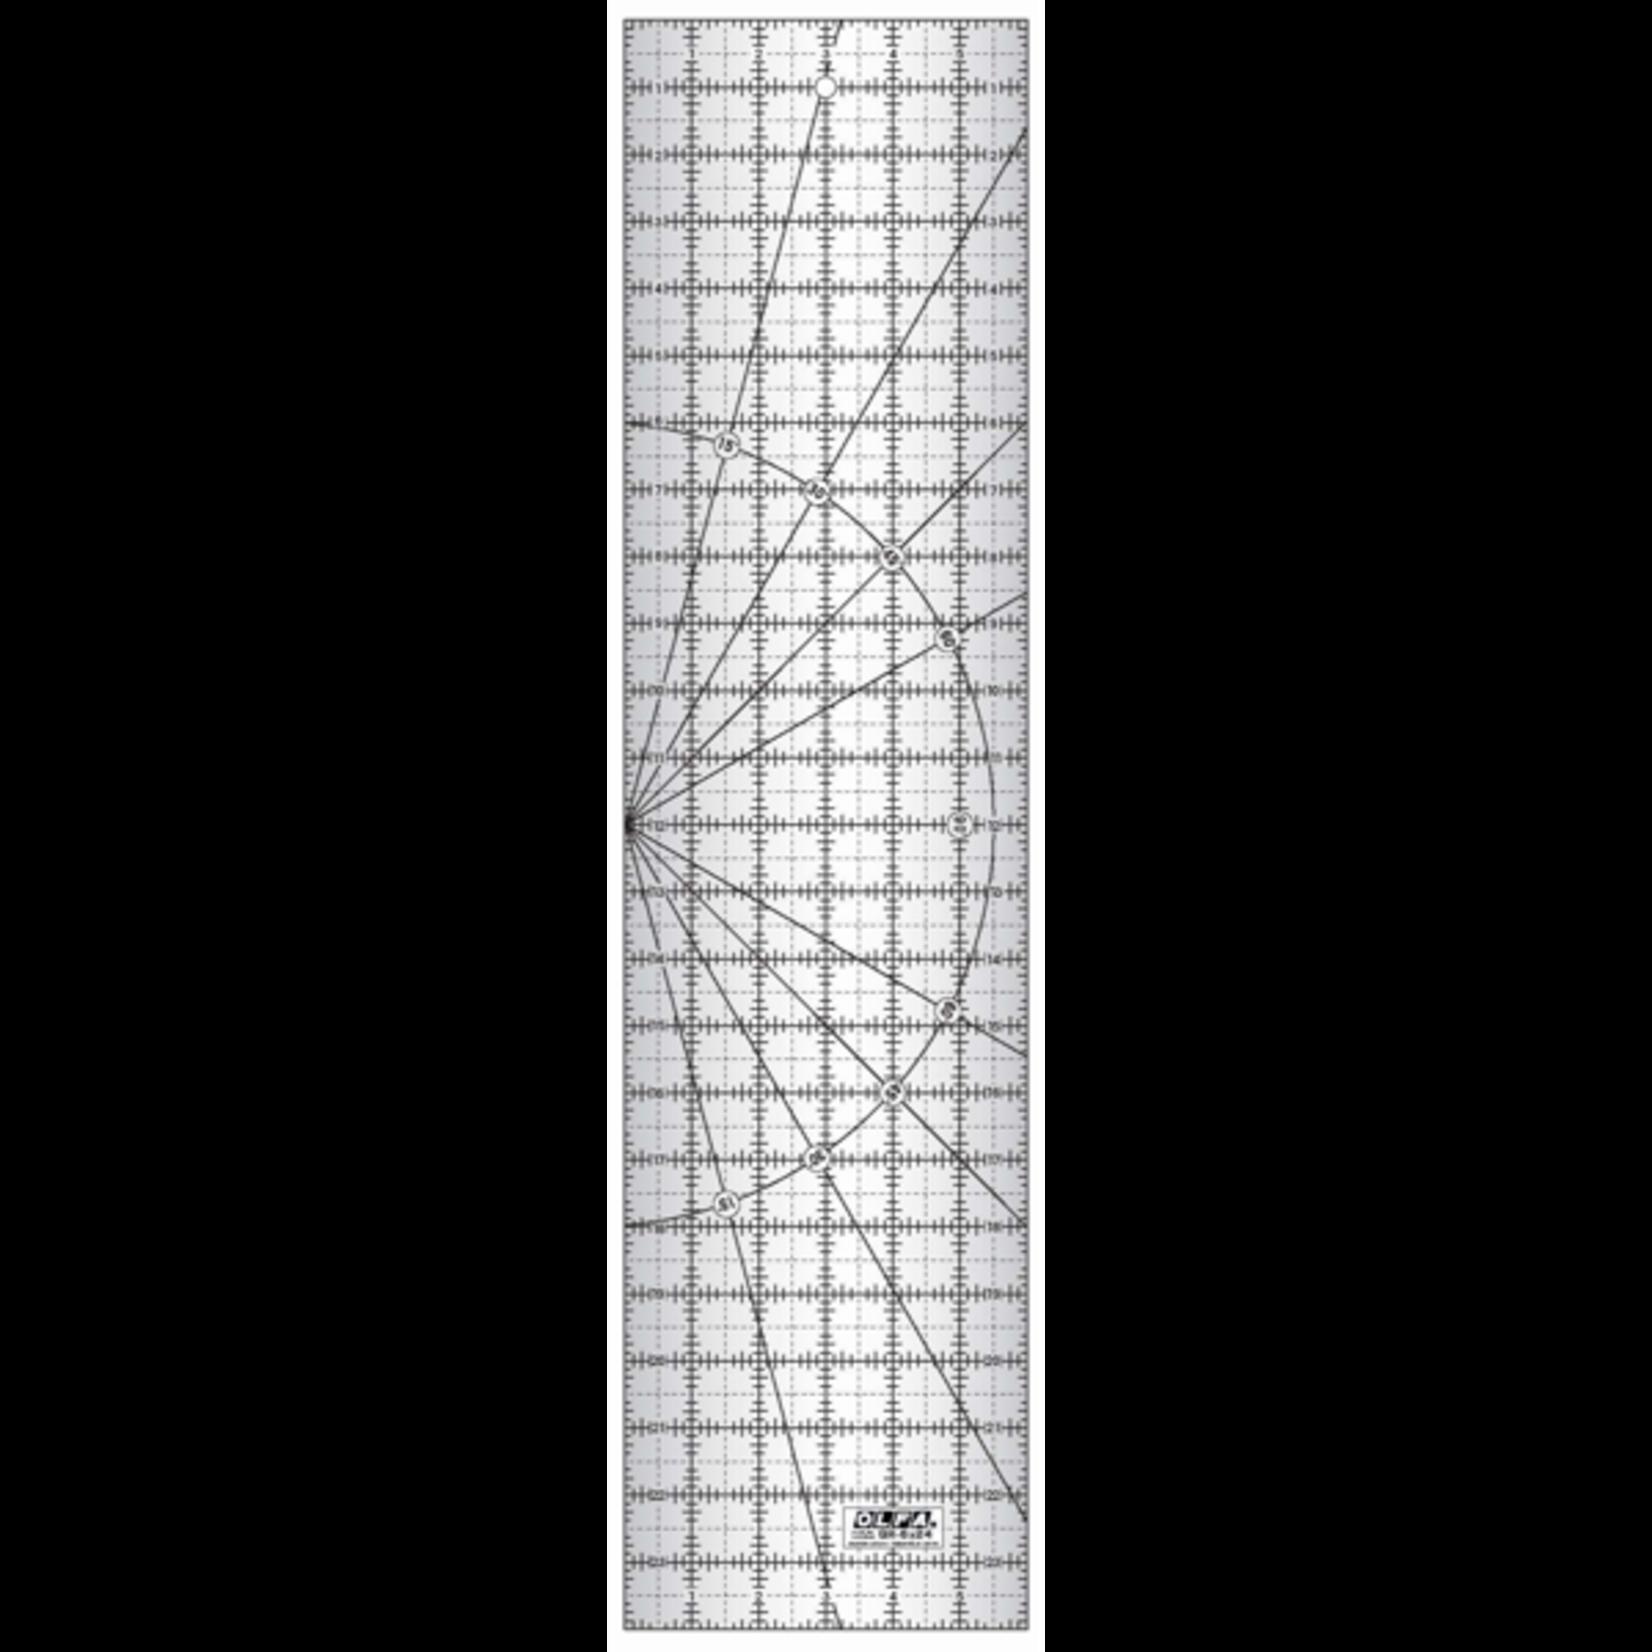 Olfa Liniaal - Olfa - Frosted - 6 inch x 24 inch